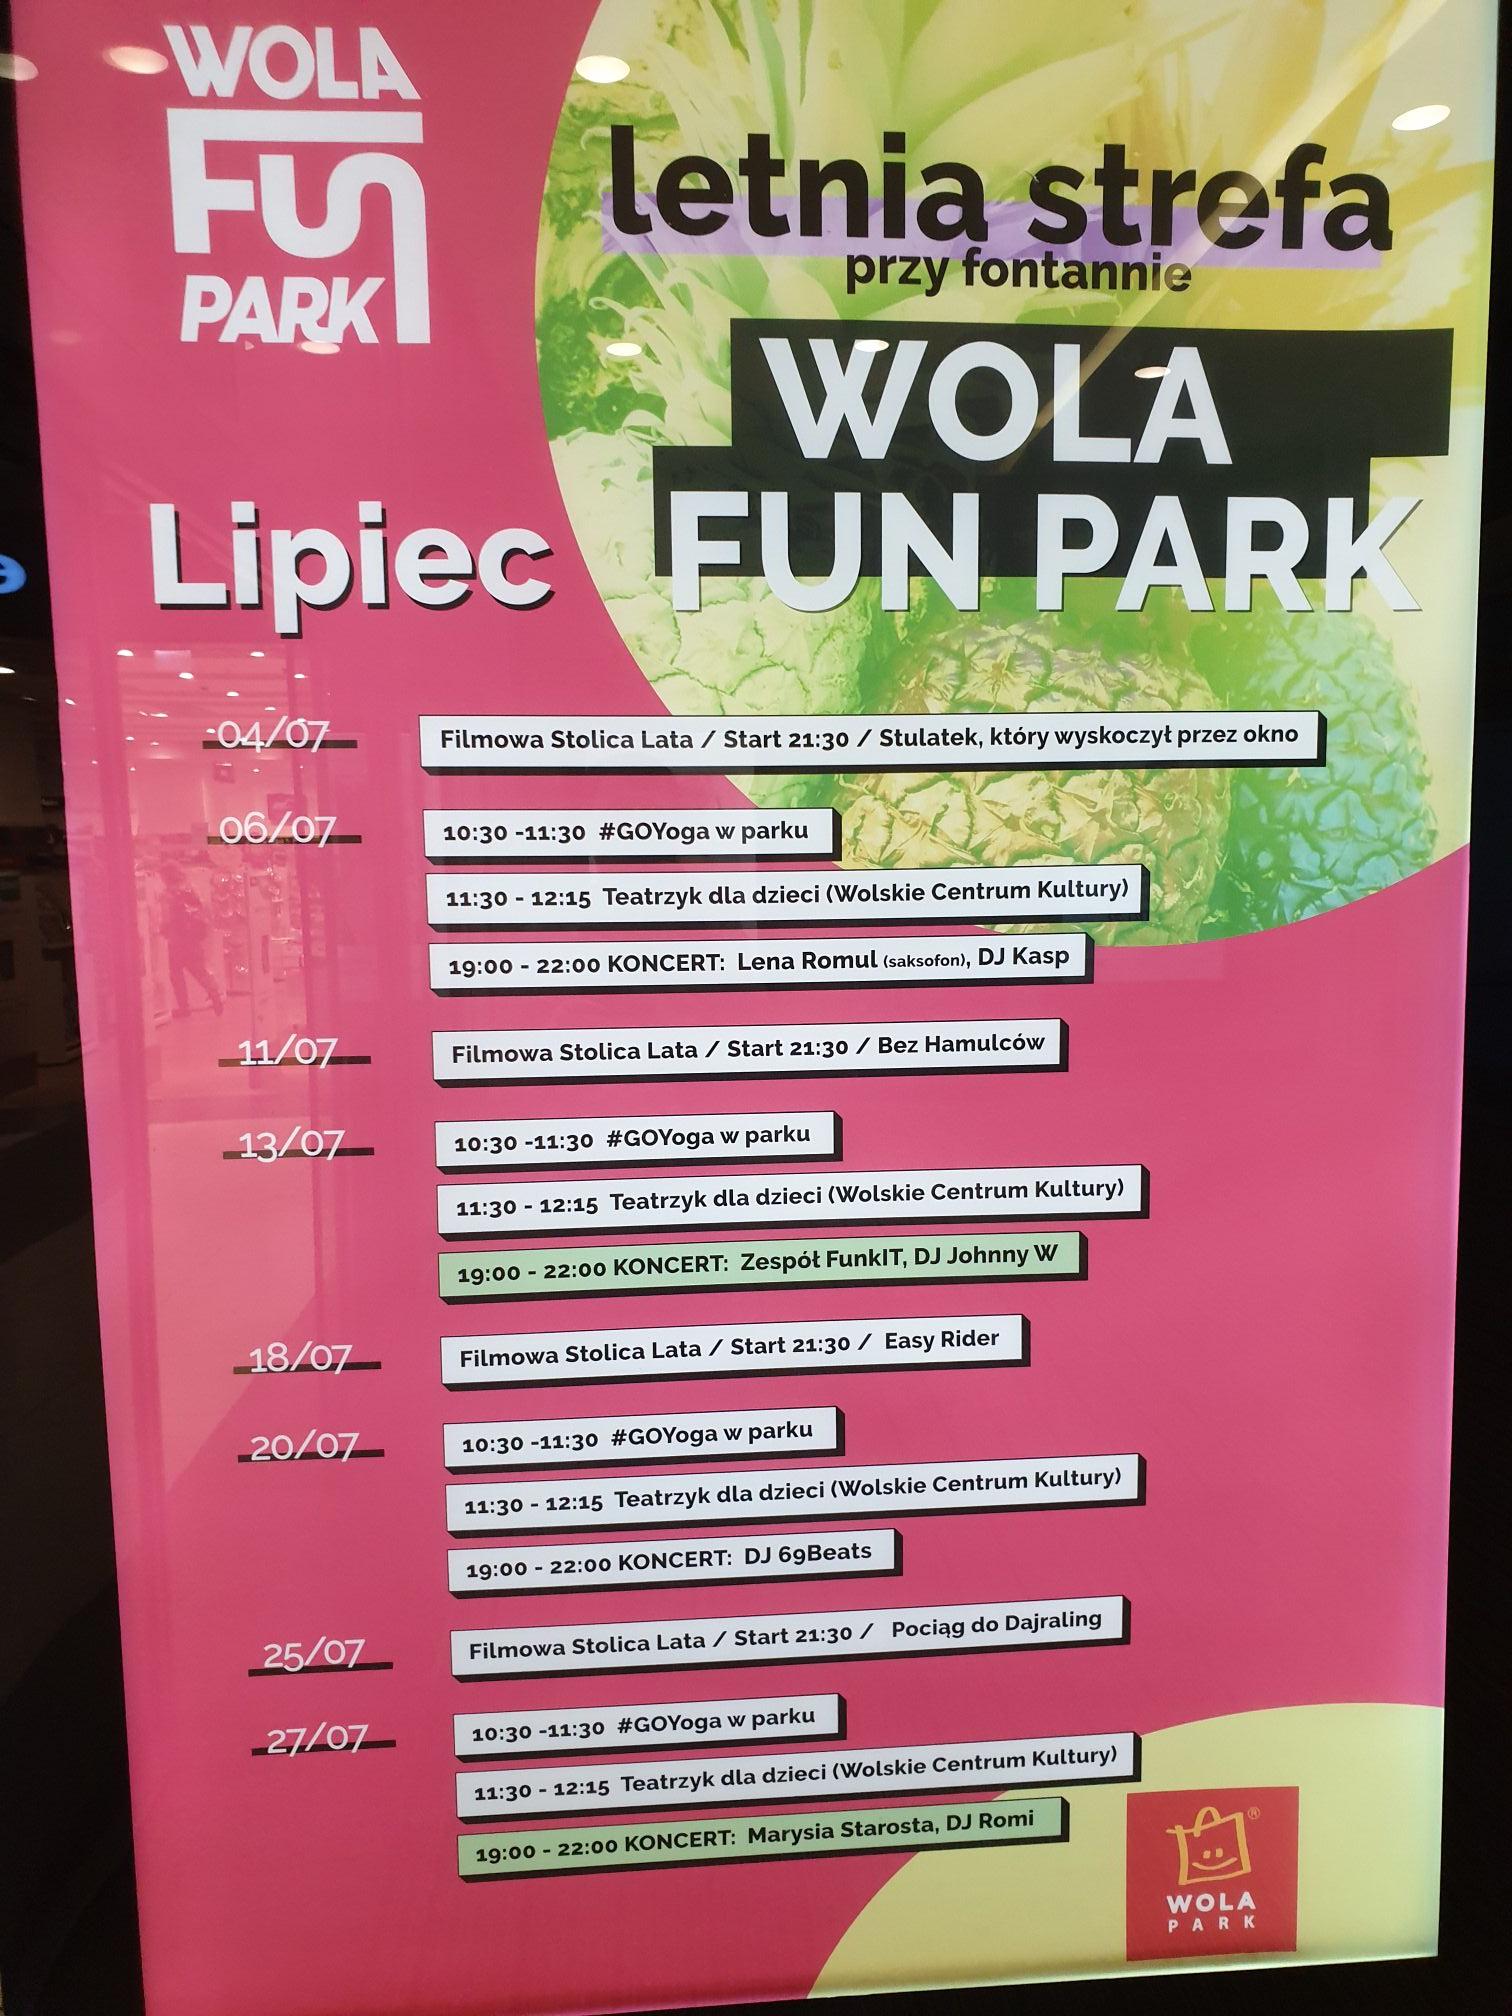 Wola Park Warszawa kino i imprezy letnie w lipcu.